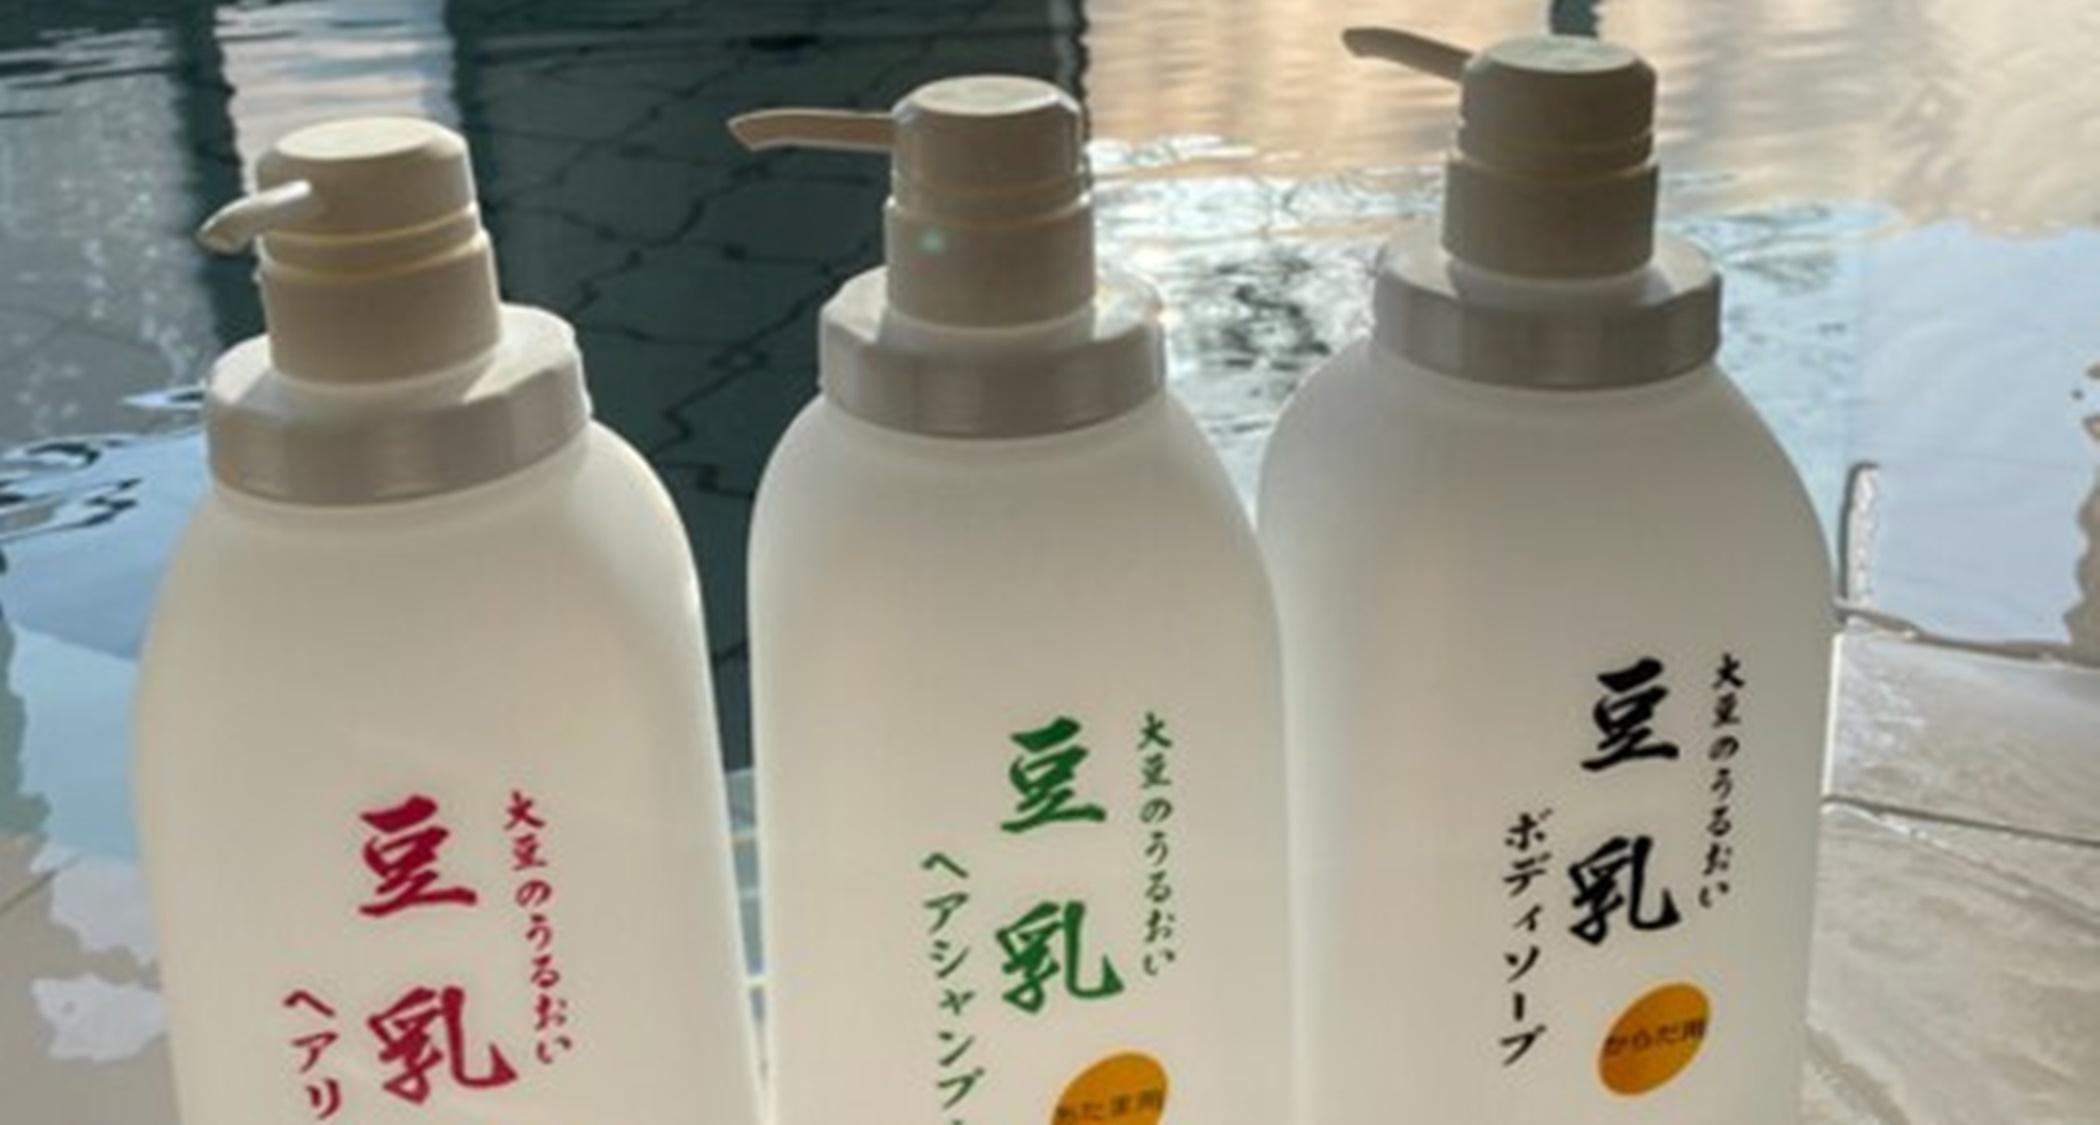 アメニティー大豆の潤いがお肌や髪をやさしく保湿